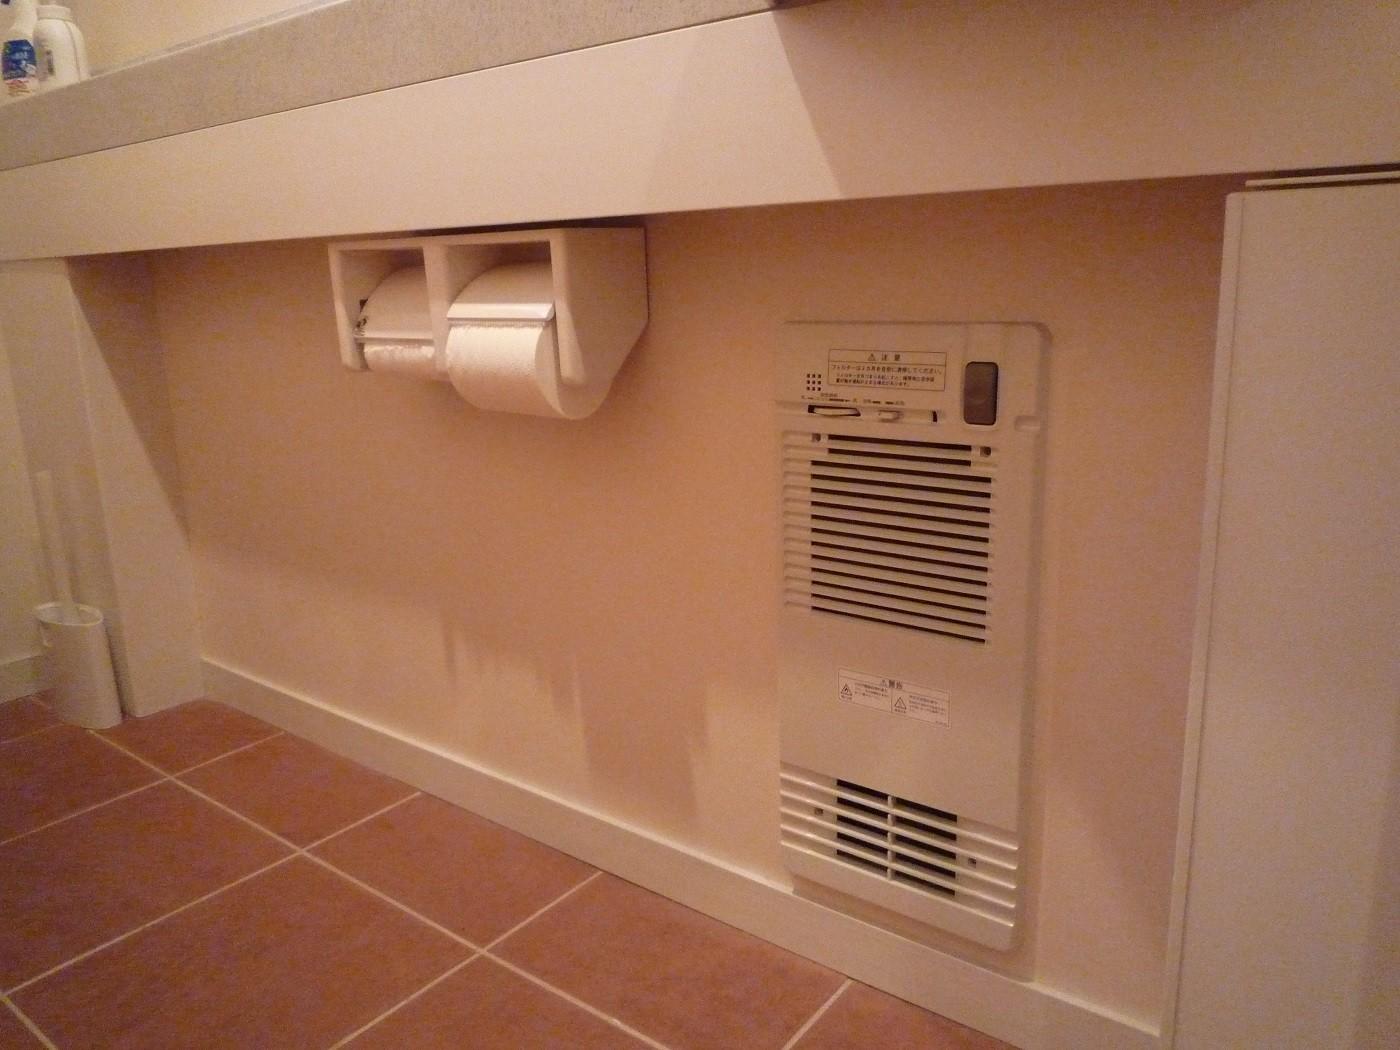 バス/トイレ事例:トイレ:バリアフリー対策(床暖房があるバリアフリー対策の平屋建て住宅 超高気密高断熱の住まい)